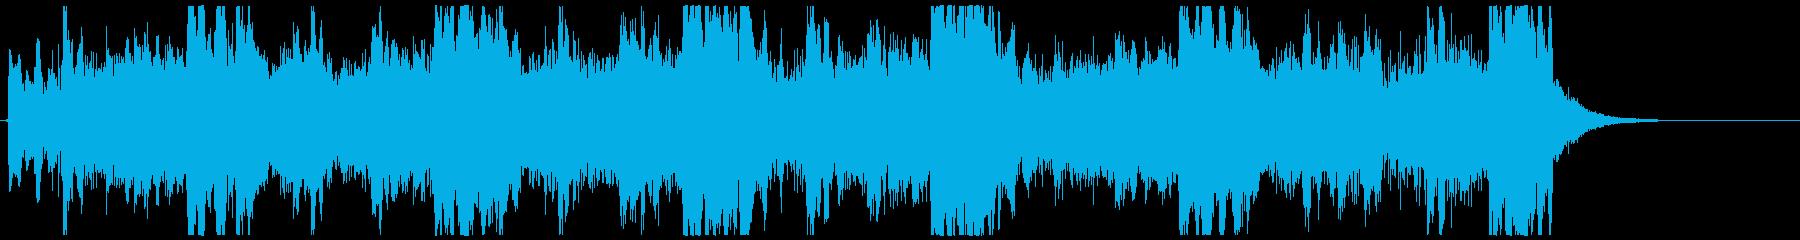 ゴーストベルの再生済みの波形